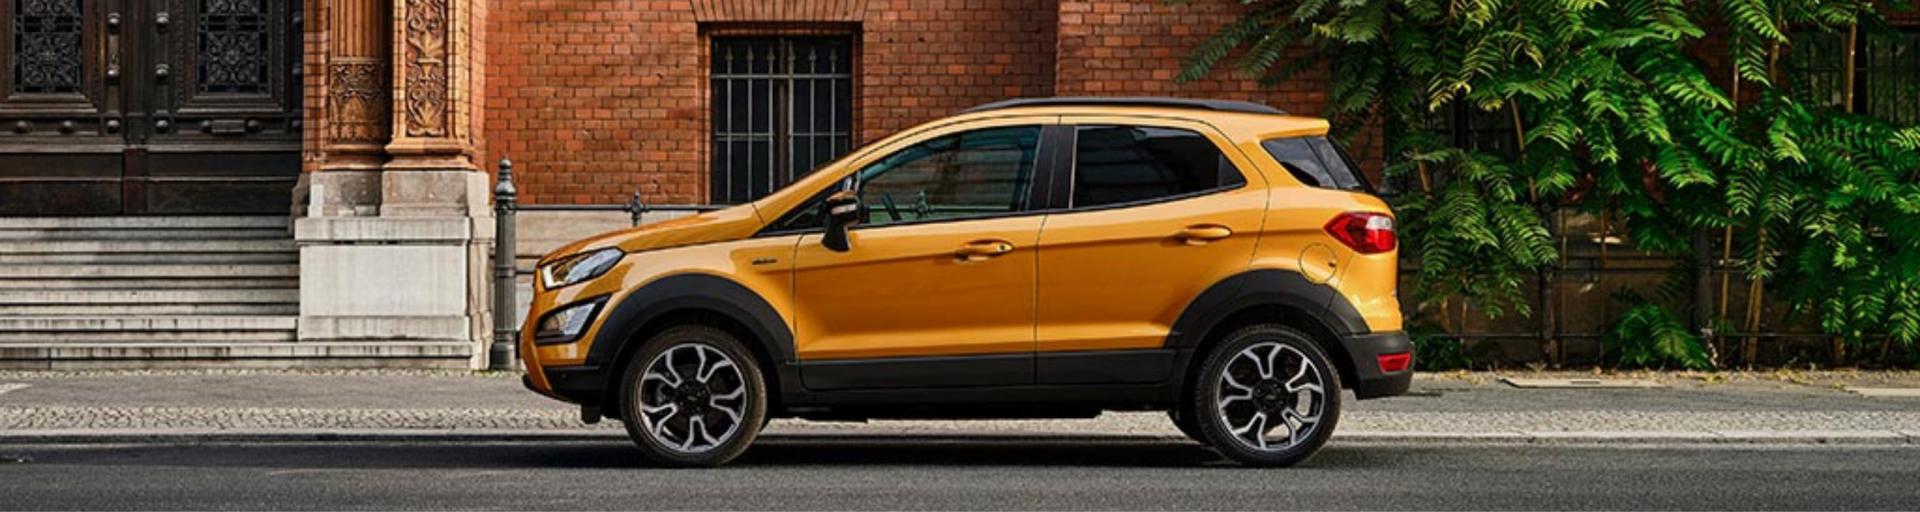 Ford Ecosport Header